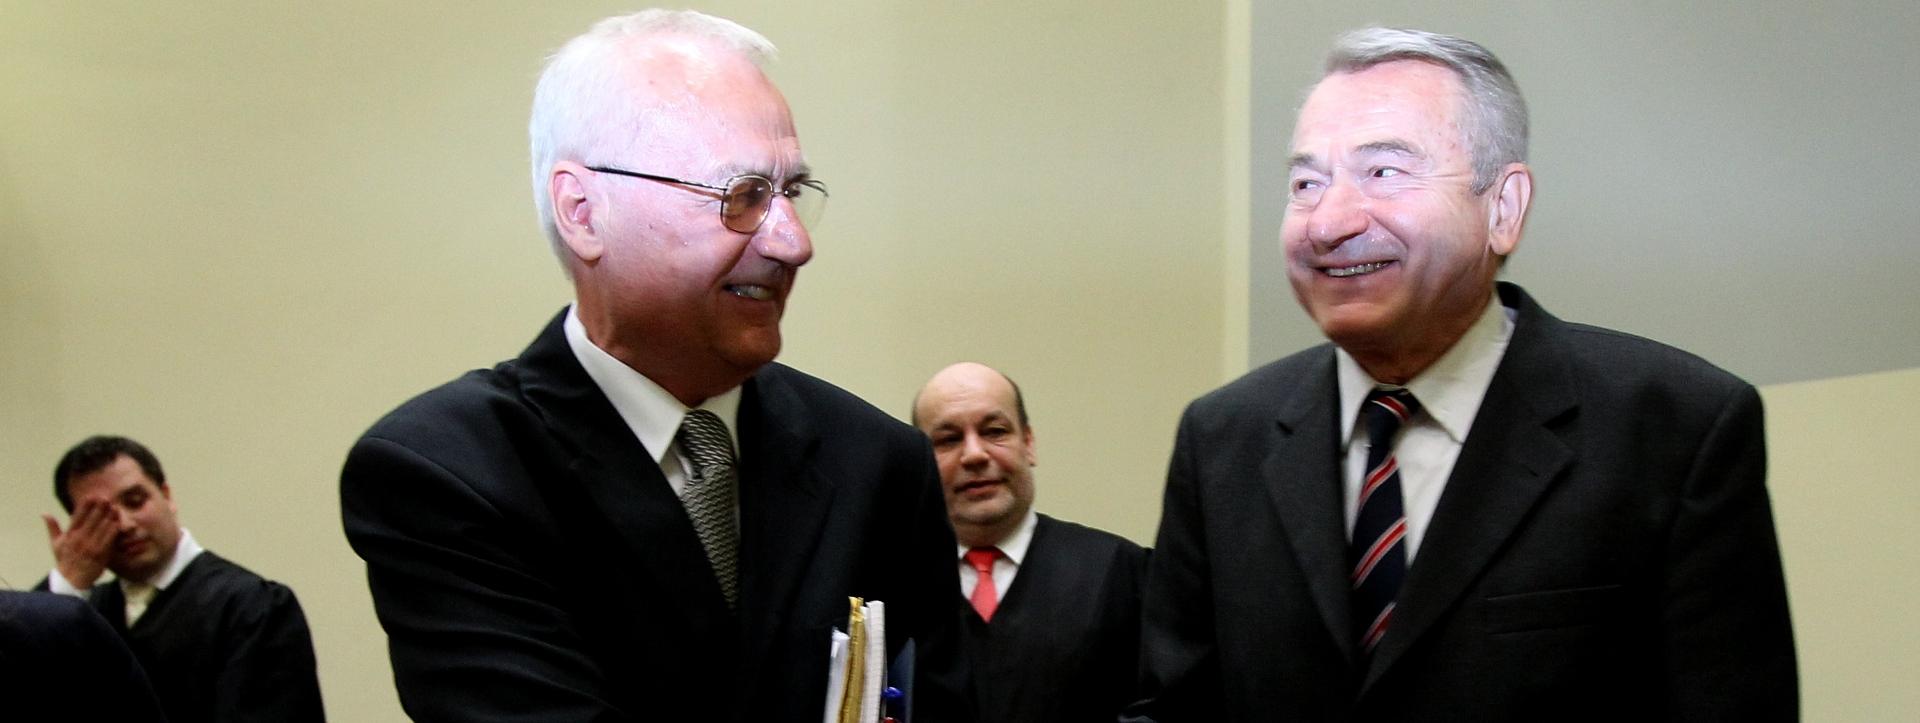 Čeka se dokumentacija o Perkoviću i Mustaču